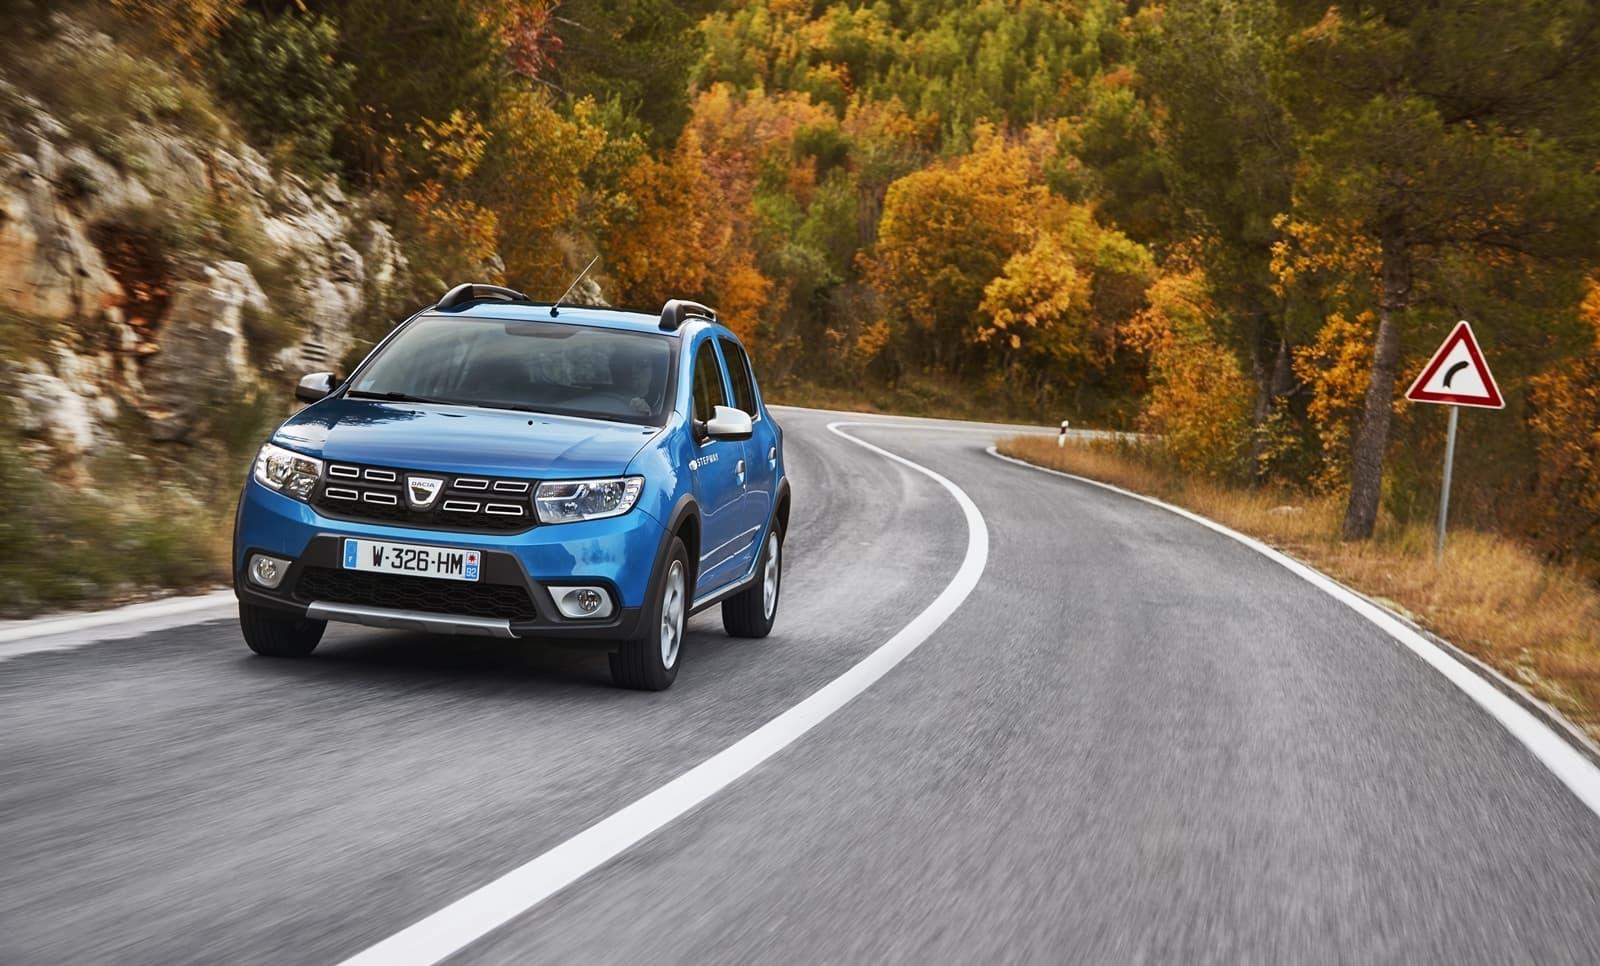 Dacia Sandero 0119 Ficha 037